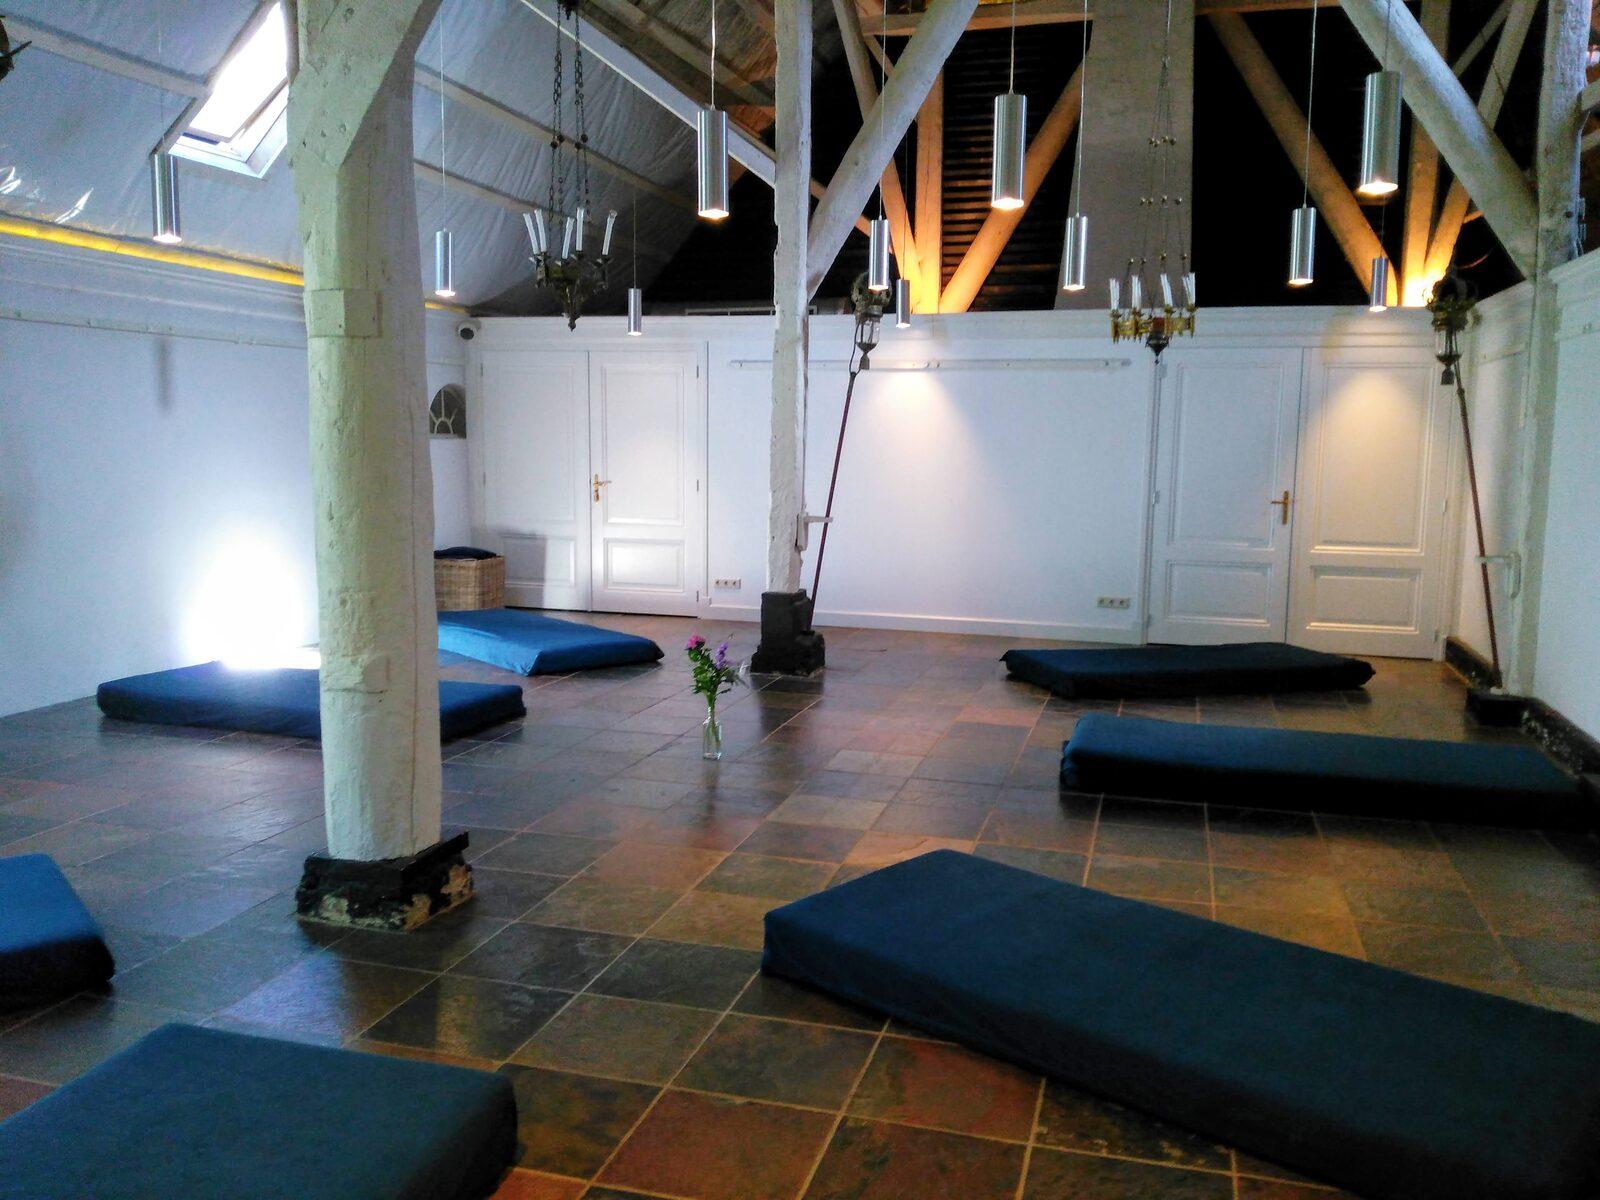 matrassen voor plant based retreats